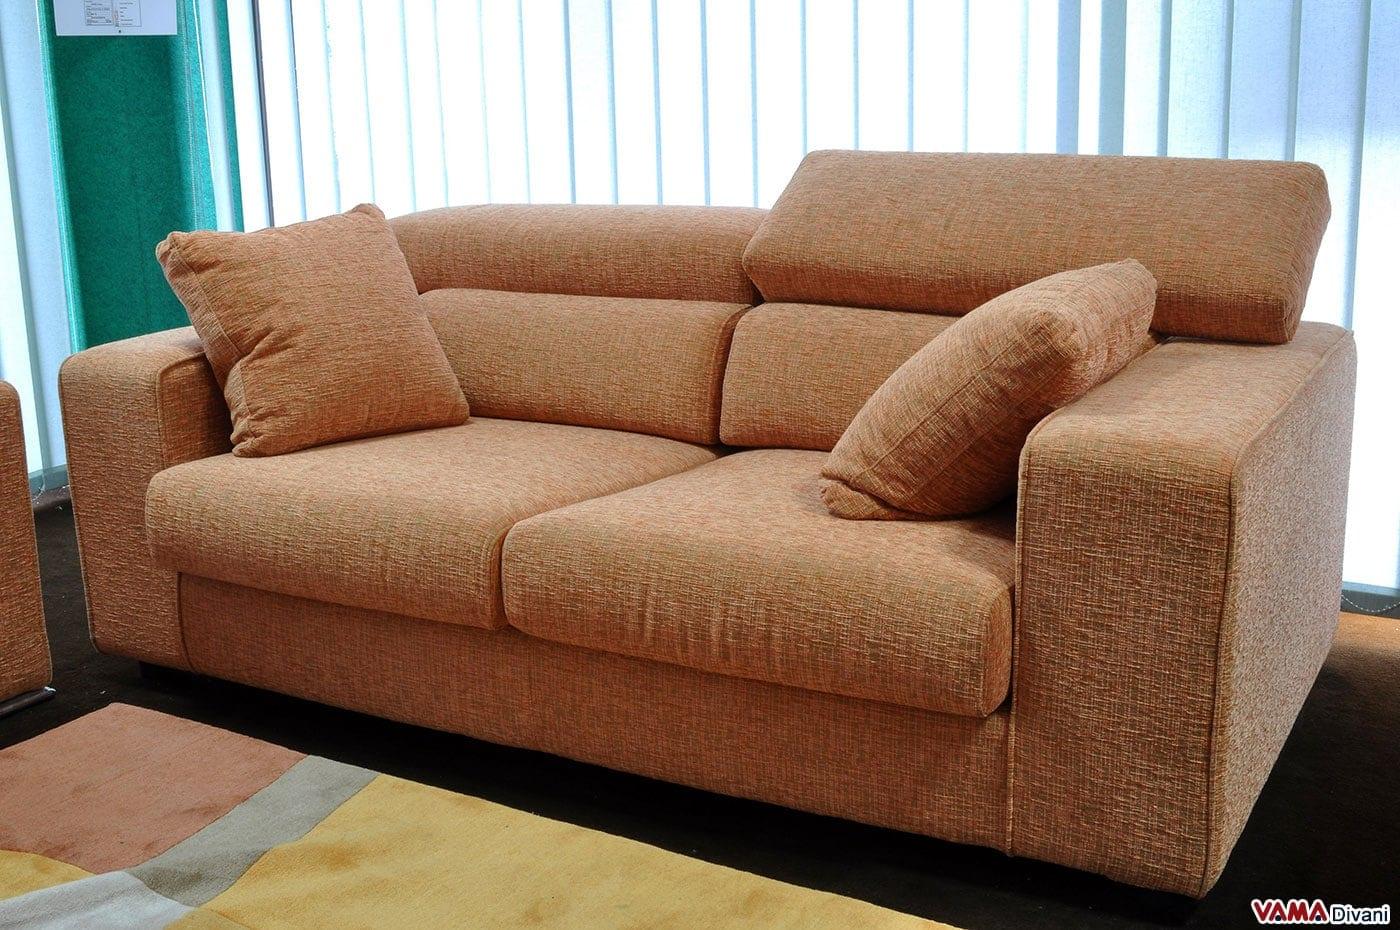 Divani tessuto sfoderabile idee per il design della casa - Poggiatesta per divano ...